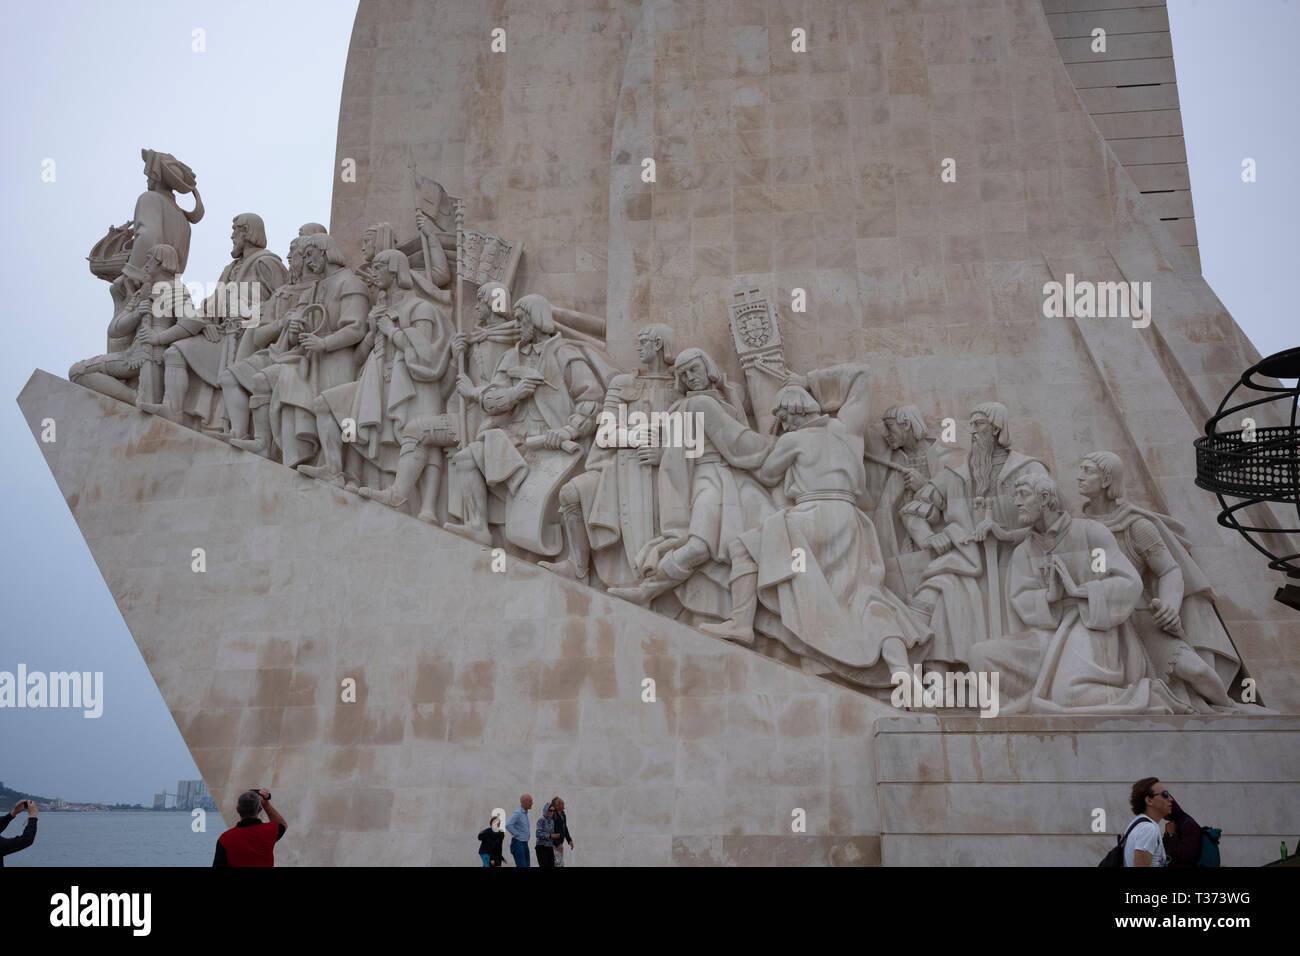 Padrão dos Descobrimentos, Monument of the Discoveries, Lisbon, Portugal. - Stock Image